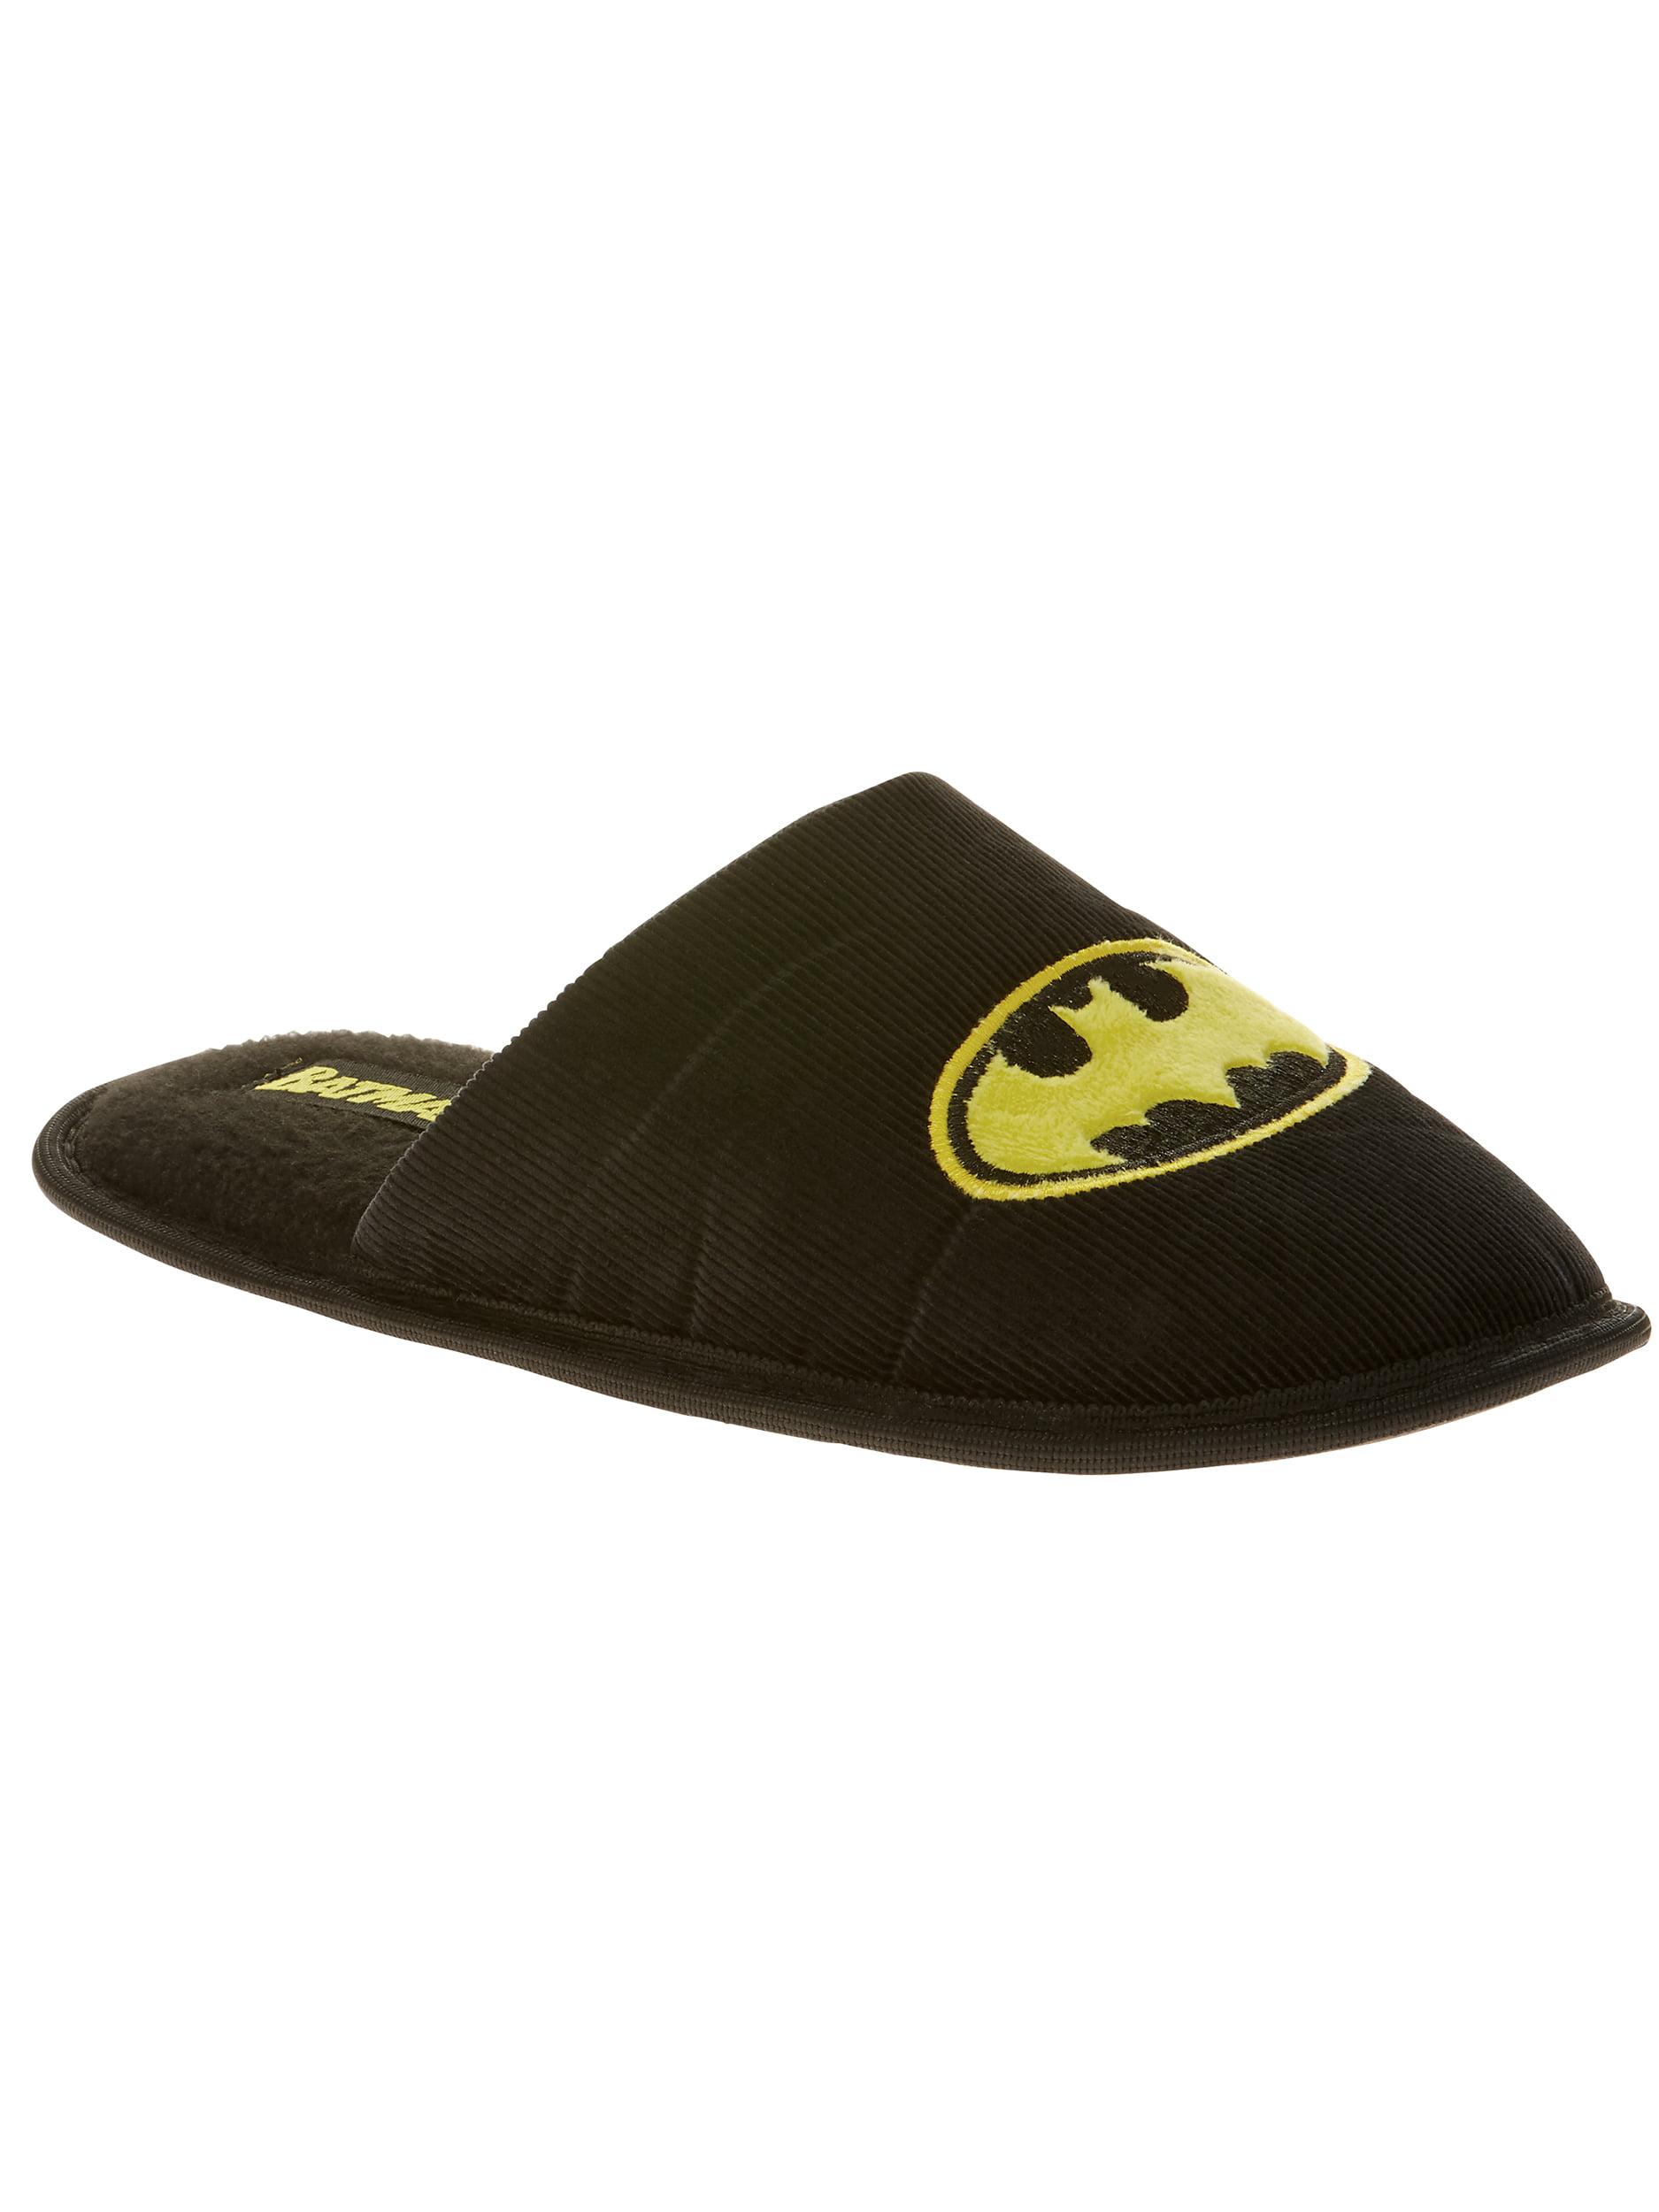 Batman Men's Embroidered Scuff Slipper